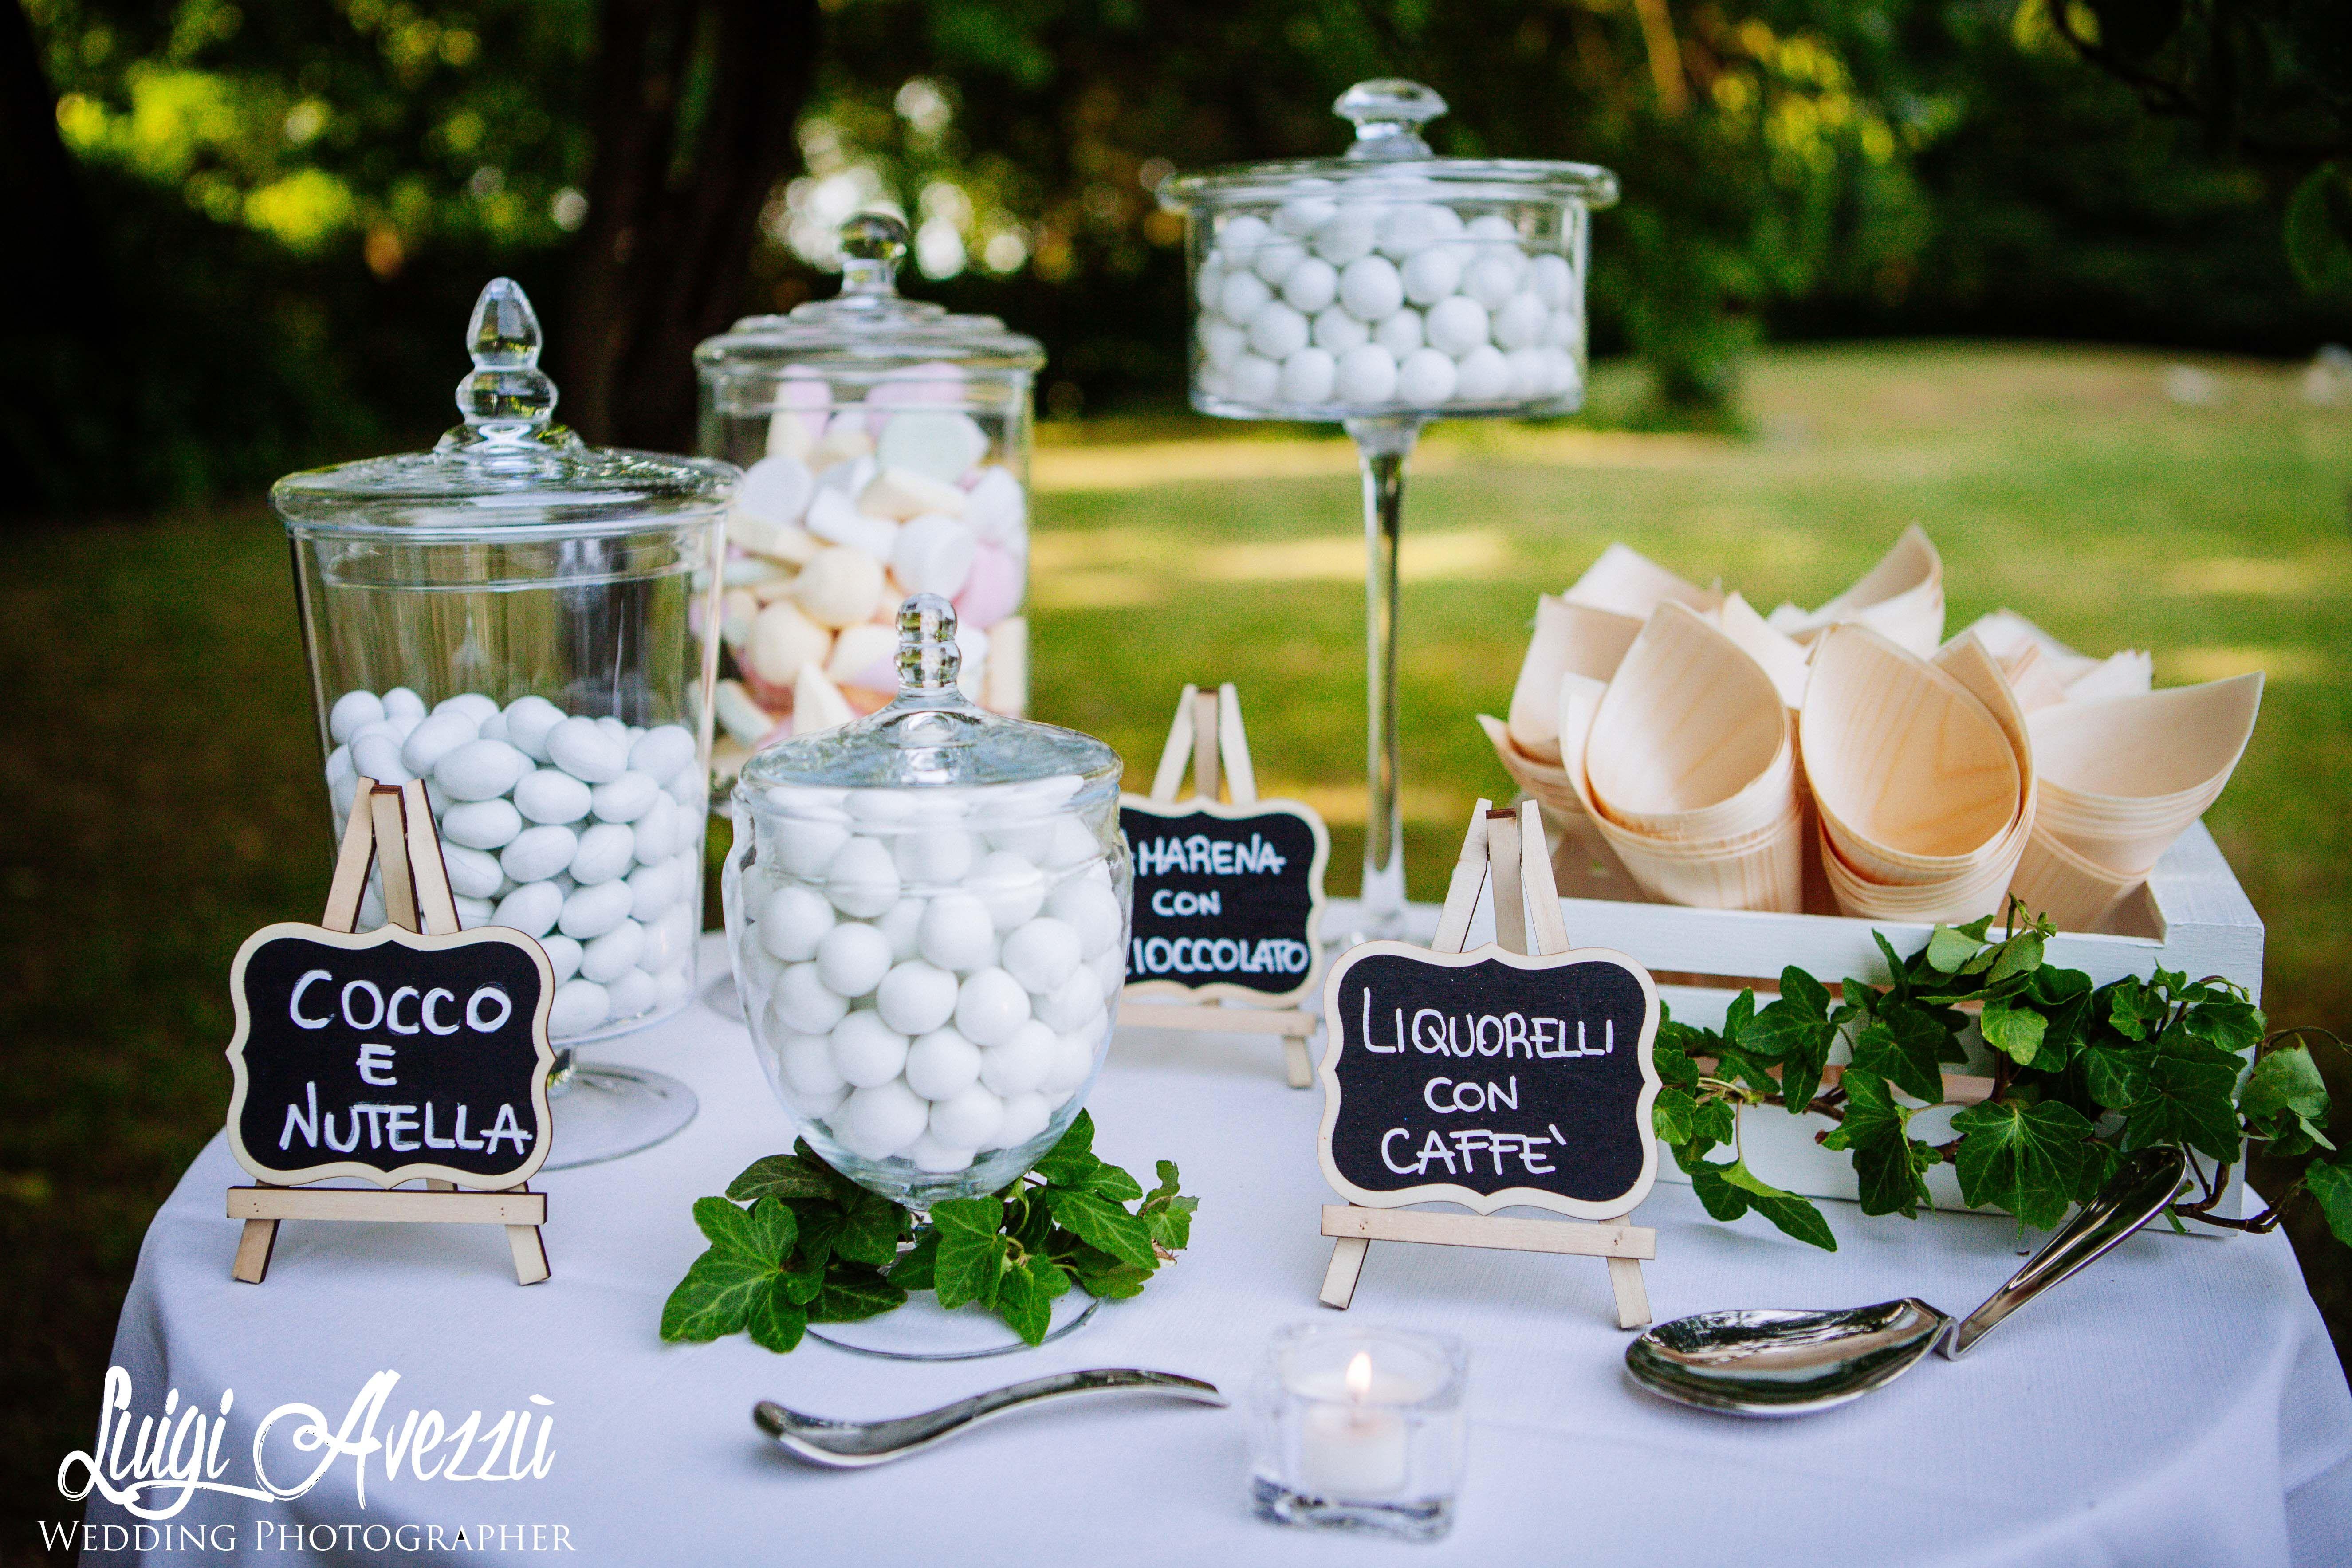 Angolo Confettata Matrimonio A Giugno Con Conetti Porta Riso Matrimonio Elegante E Raffina Tavolo Bomboniere Matrimonio Matrimonio Tavolo Caramelle Matrimonio